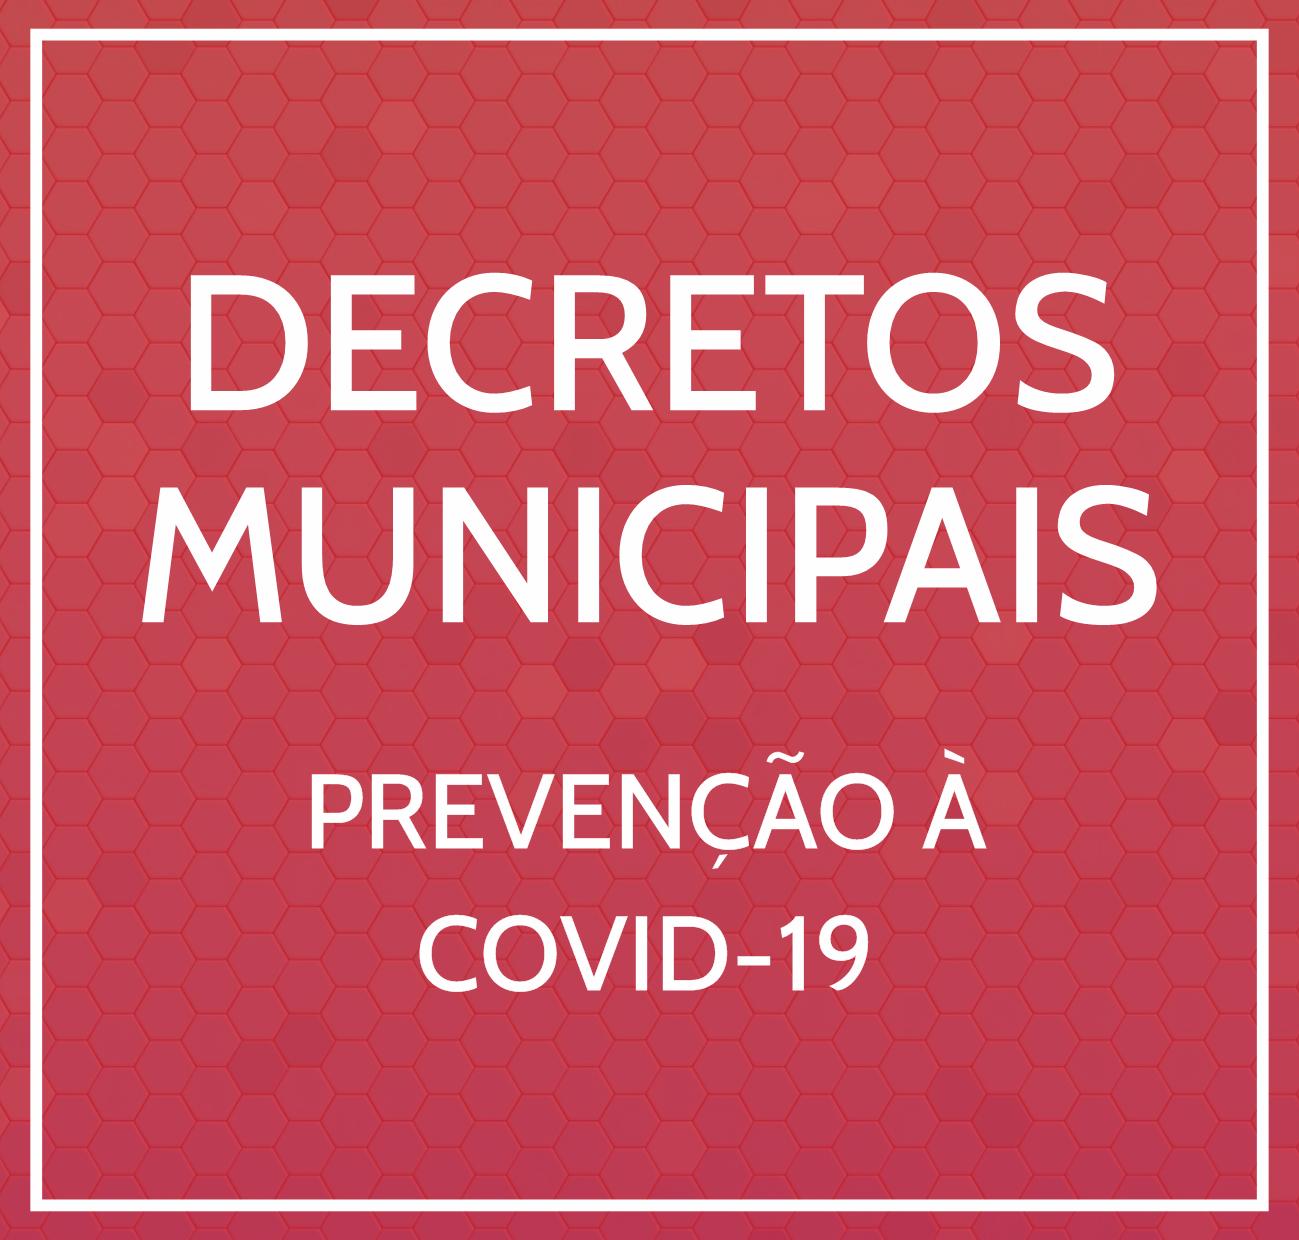 DECRETOS MUNICIPAIS | PREVENÇÃO À COVID-19